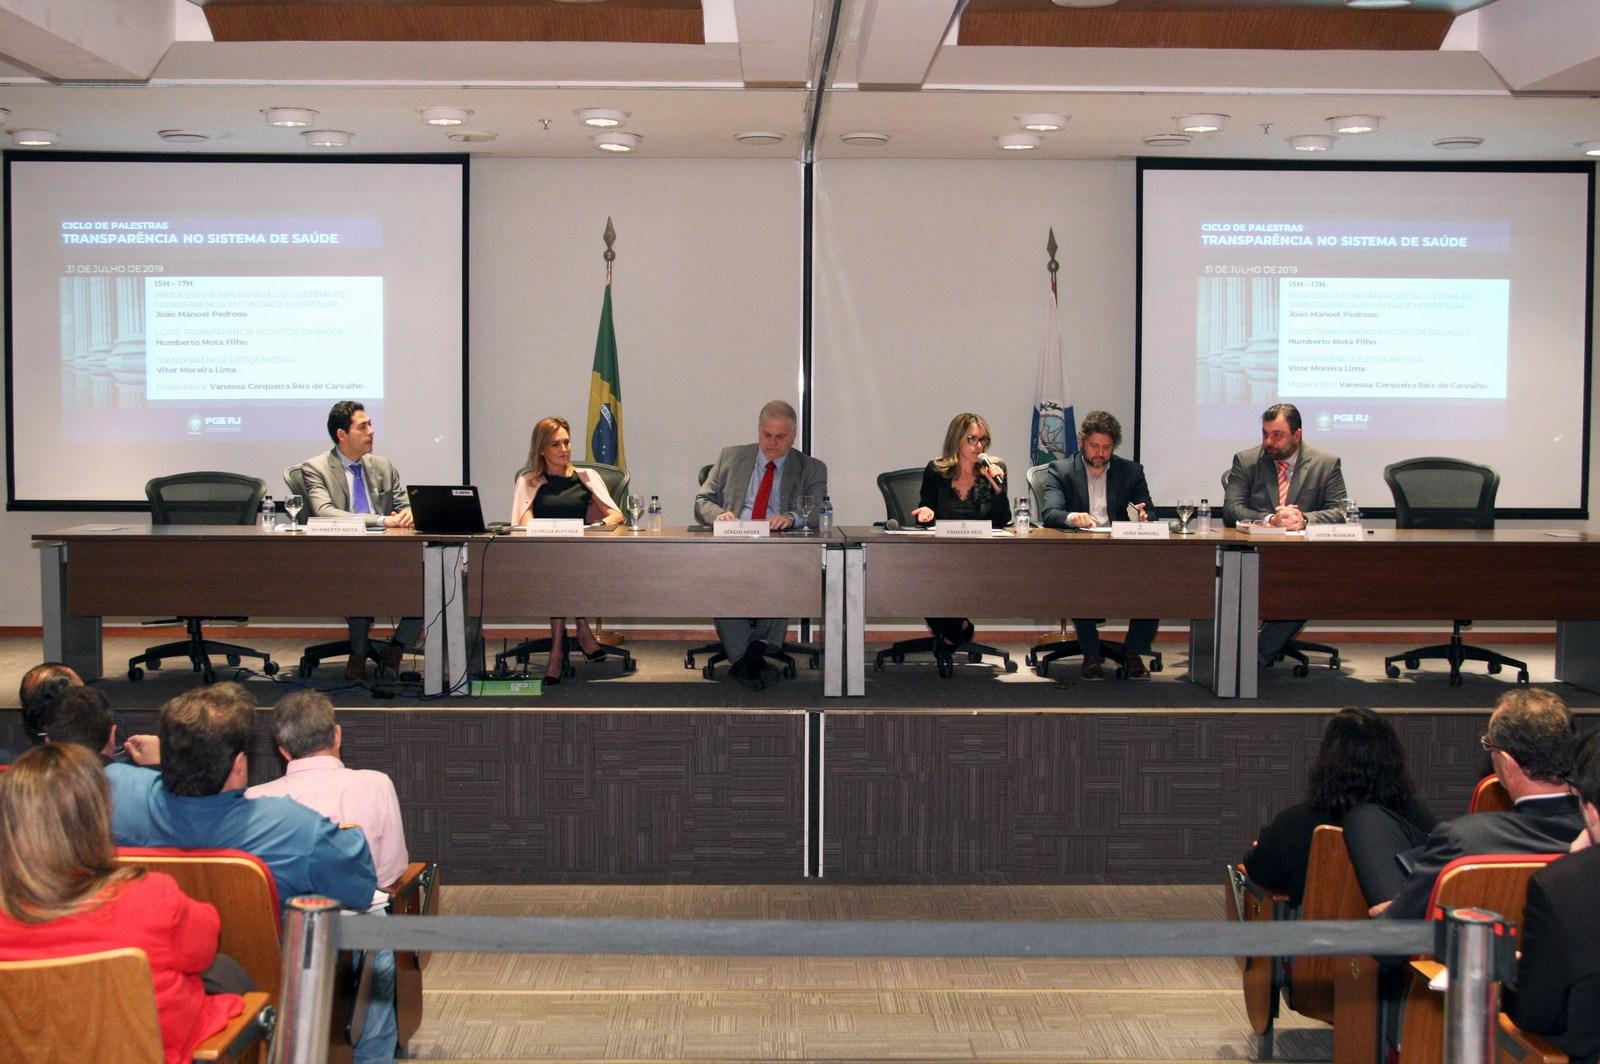 """Evento sobre """"Transparência no Sistema de Saúde"""" na sede da Procuradoria Geral do Estado"""